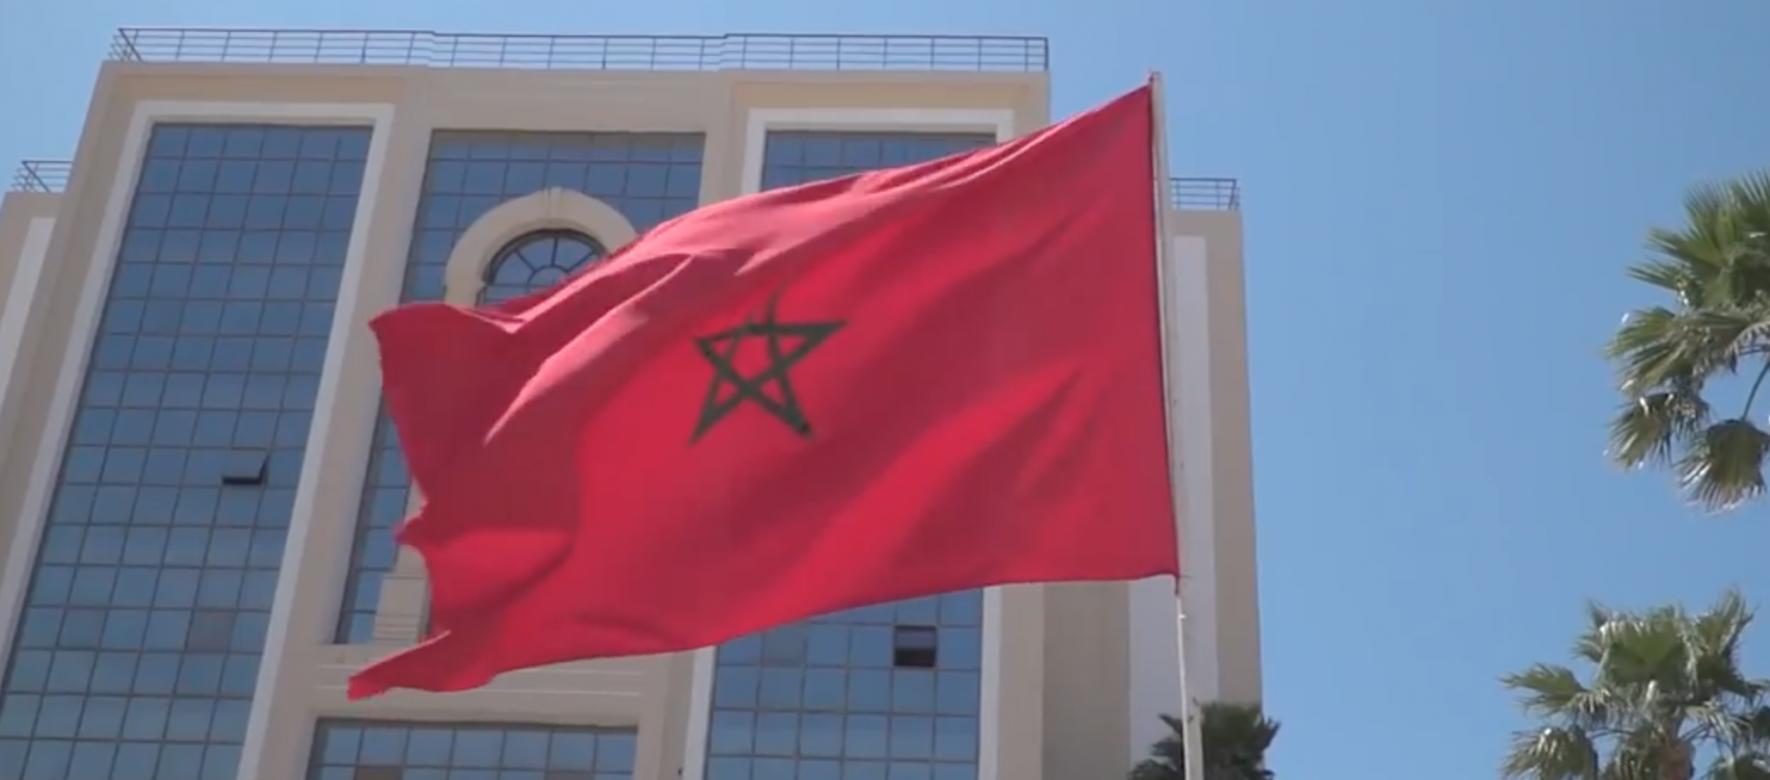 Maroc : La Banque Mondiale table sur une croissance de 4,1% pour 2017